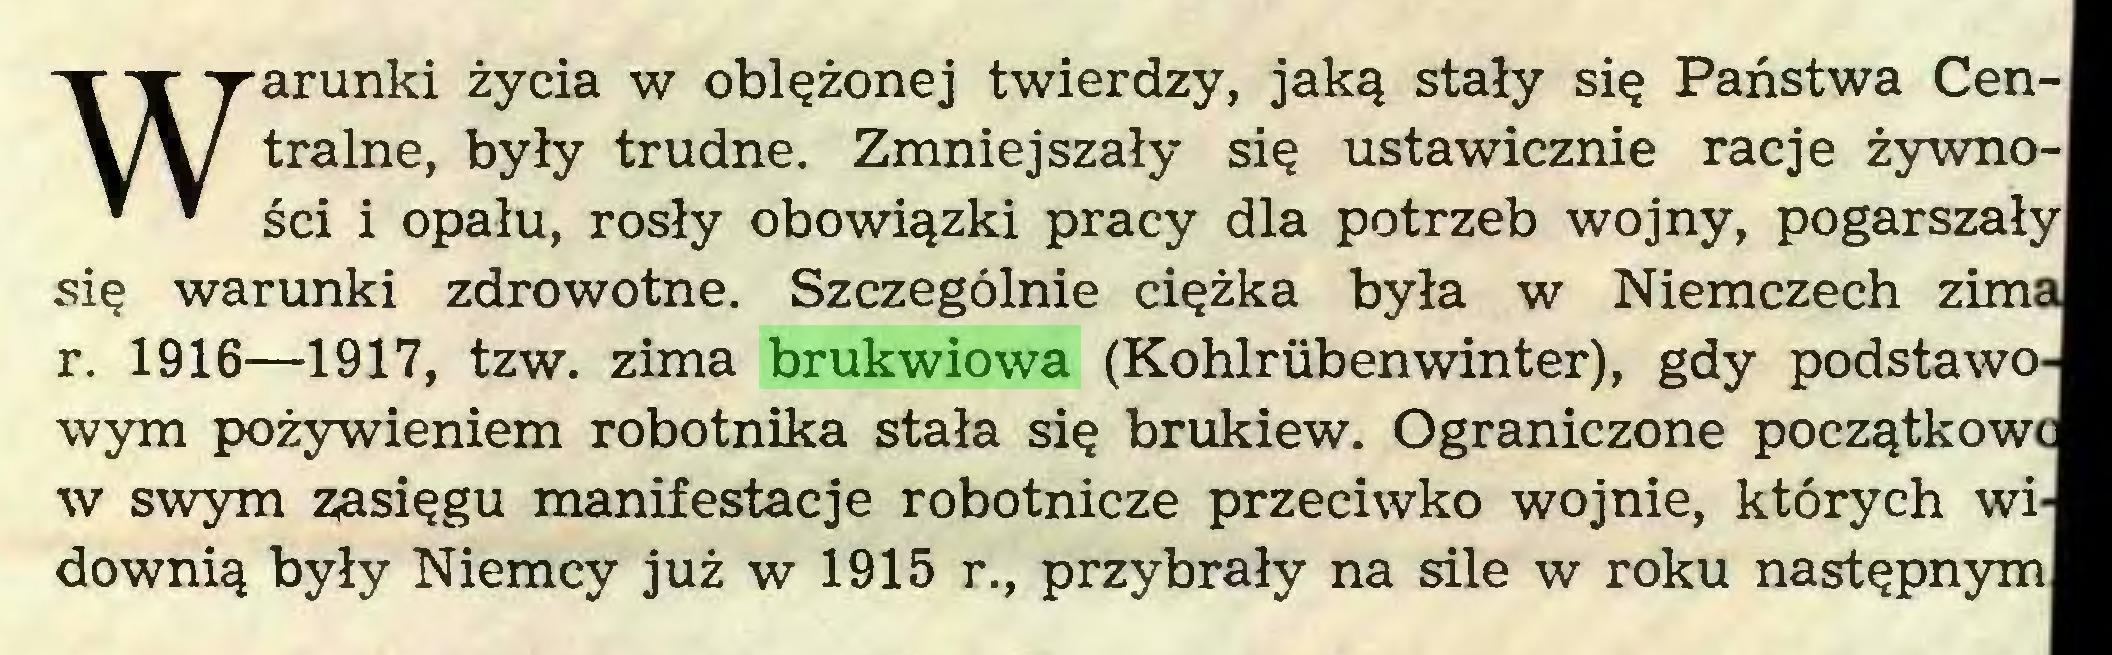 (...) Warunki życia w oblężonej twierdzy, jaką stały się Państwa Centralne, były trudne. Zmniejszały się ustawicznie racje żywności i opału, rosły obowiązki pracy dla potrzeb wojny, pogarszały się warunki zdrowotne. Szczególnie ciężka była w Niemczech zim' r. 1916—1917, tzw. zima brukwiowa (Kohlriibenwinter), gdy podstawo wym pożywieniem robotnika stała się brukiew. Ograniczone początków w swym zasięgu manifestacje robotnicze przeciwko wojnie, których wi downią były Niemcy już w 1915 r., przybrały na sile w roku następnym...